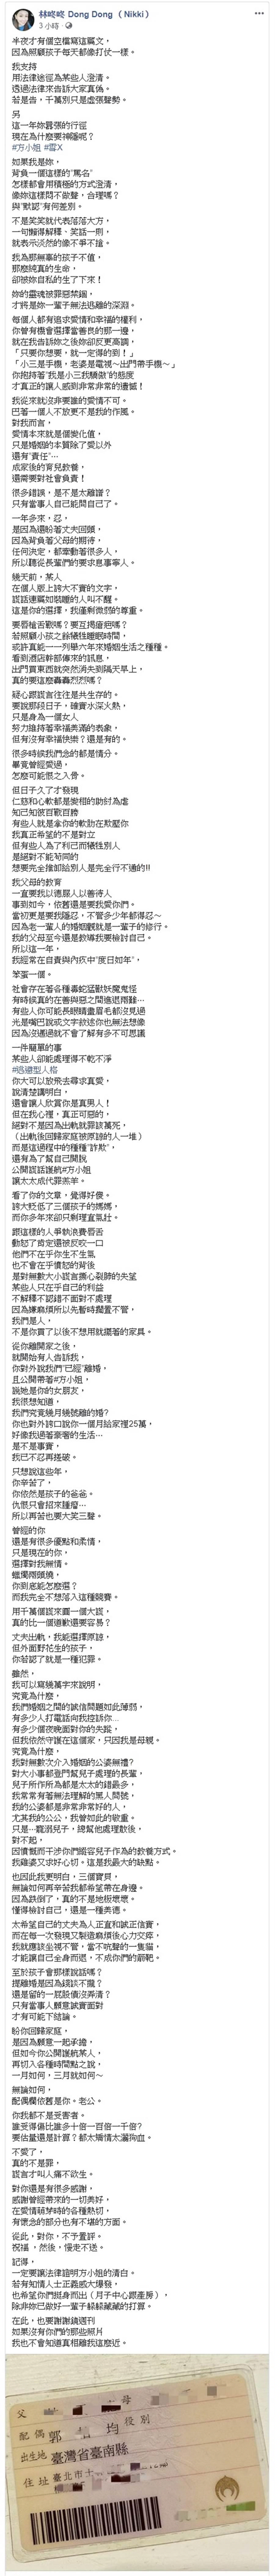 林咚咚發長文反擊雪碧與郭男。(圖/翻攝自林咚咚 Dong Dong (Nikki)臉書)